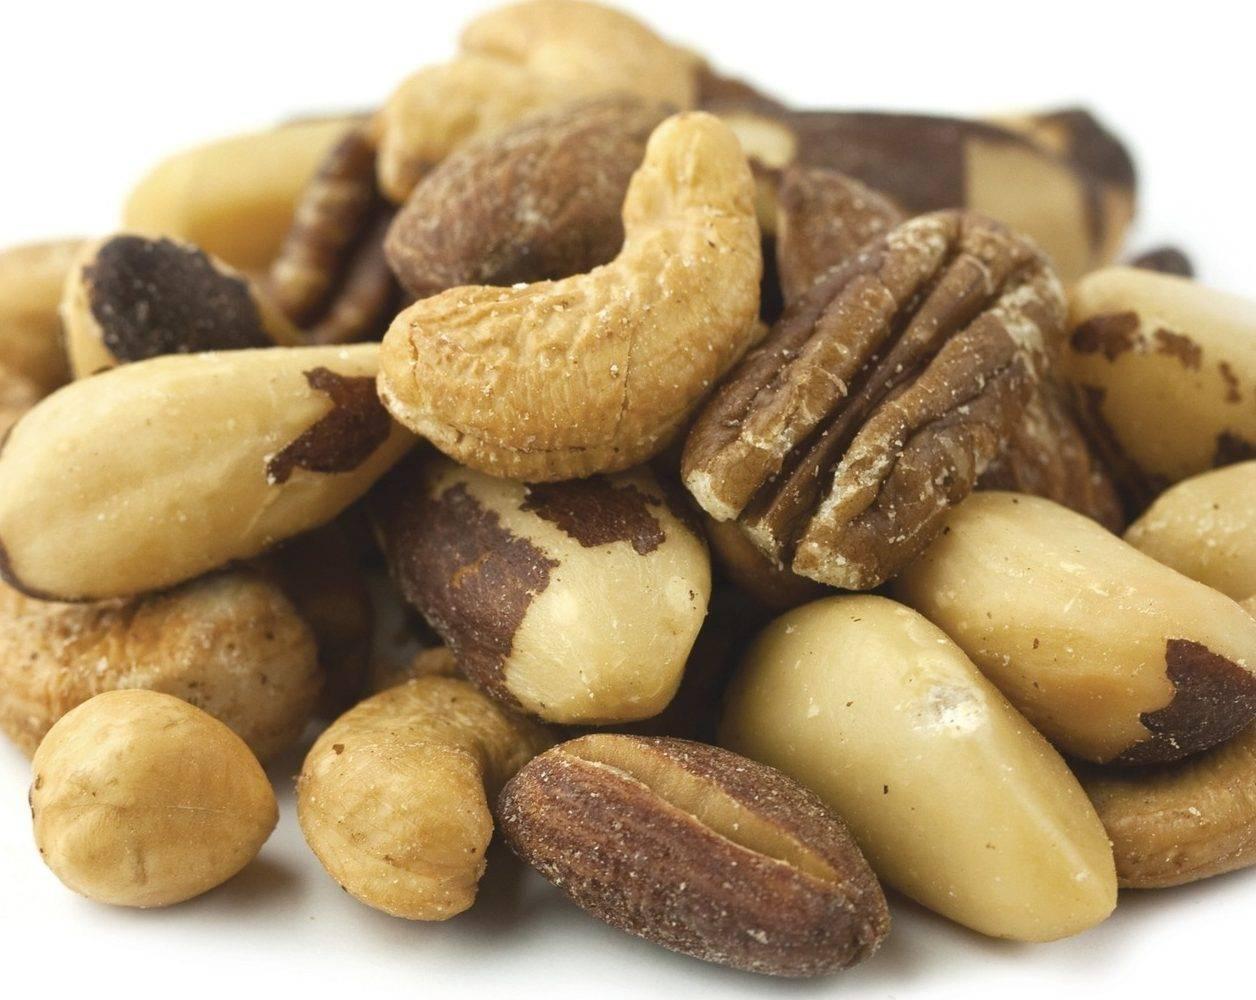 Можно ли орехи при гастрите: грецкие, арахис, кедровые, фундук